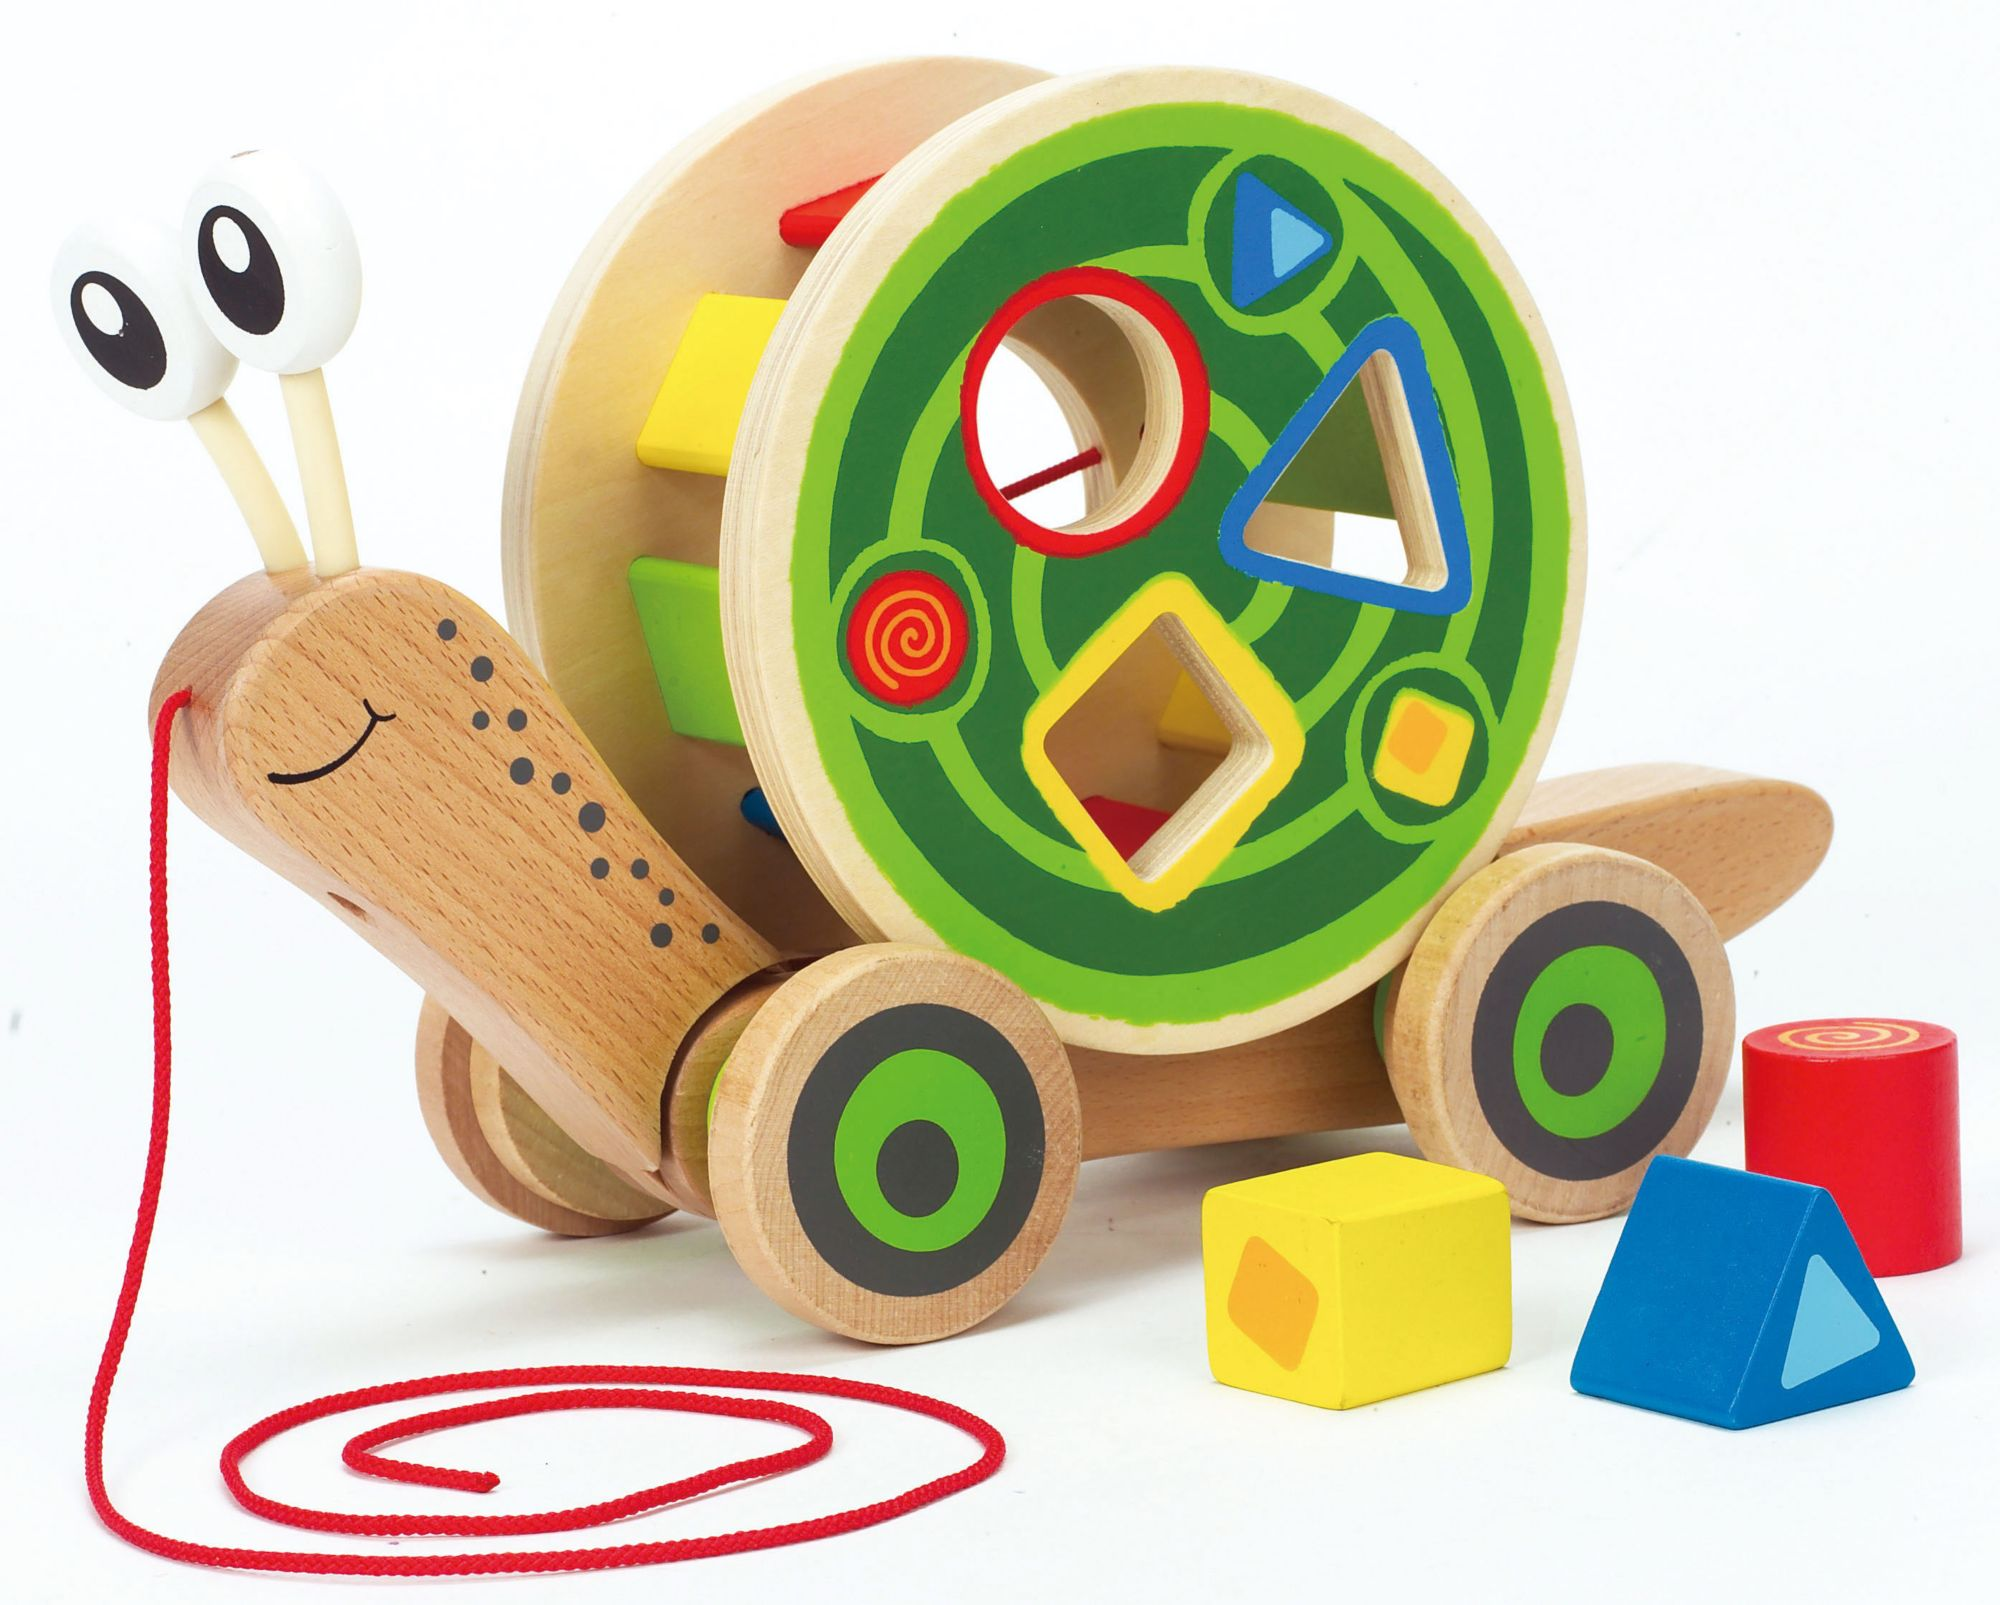 HAPE Hape Nachziehspielzeug mit Bauklötzen, »Schnecke«